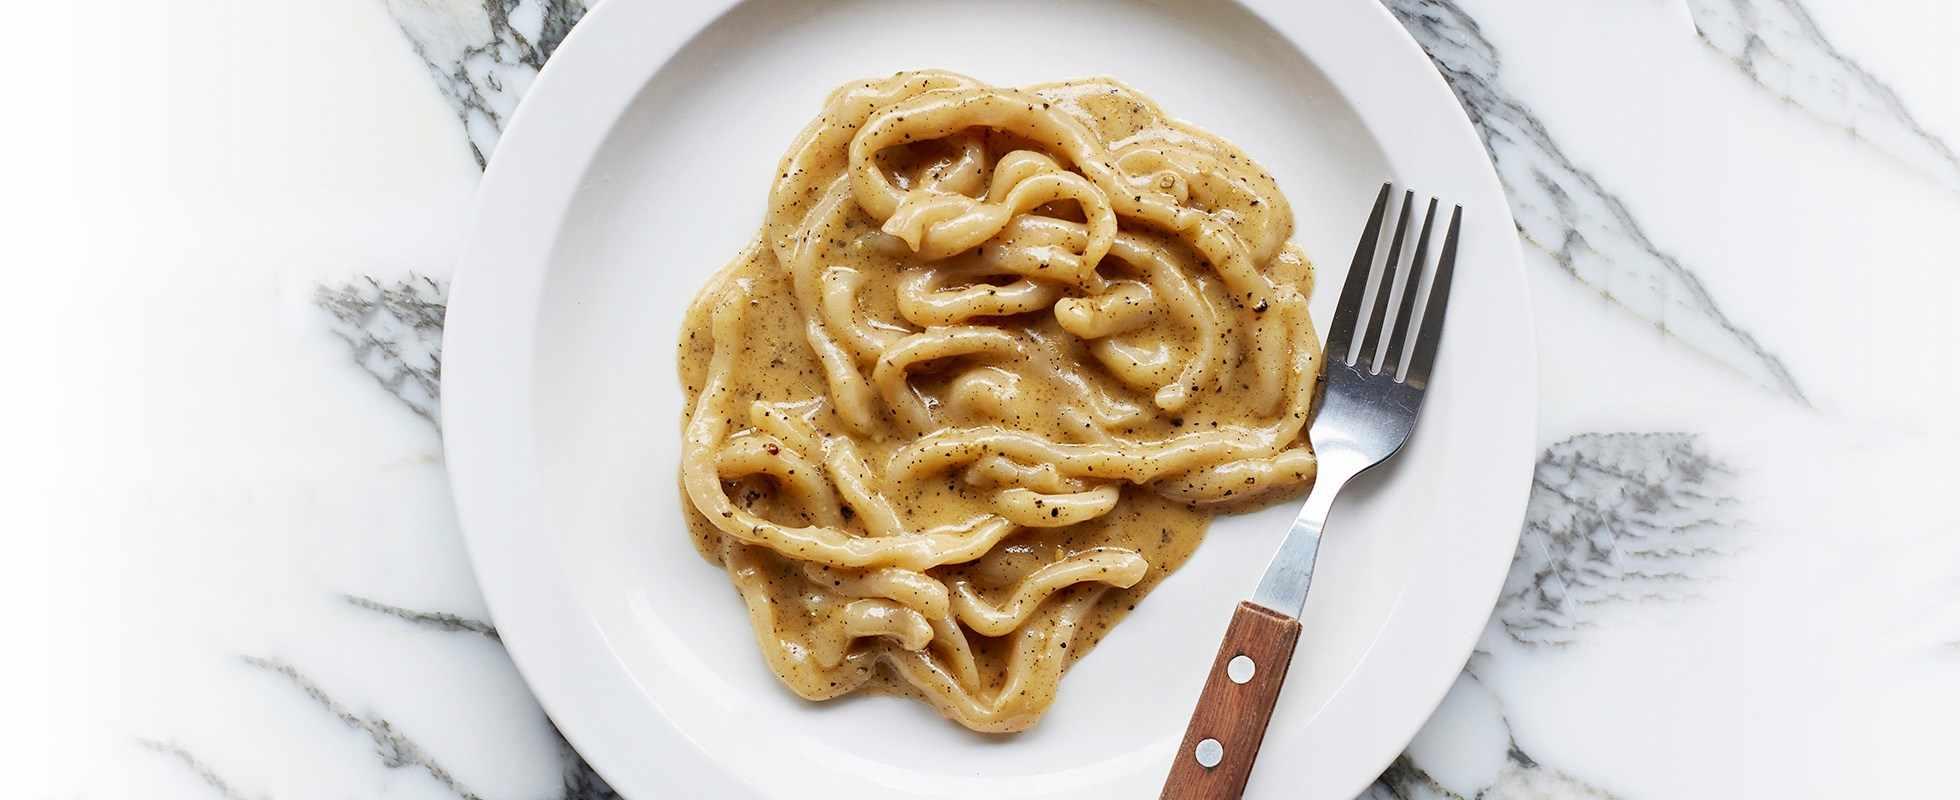 Padella Pasta Pici Cacio e Pepe Recipe